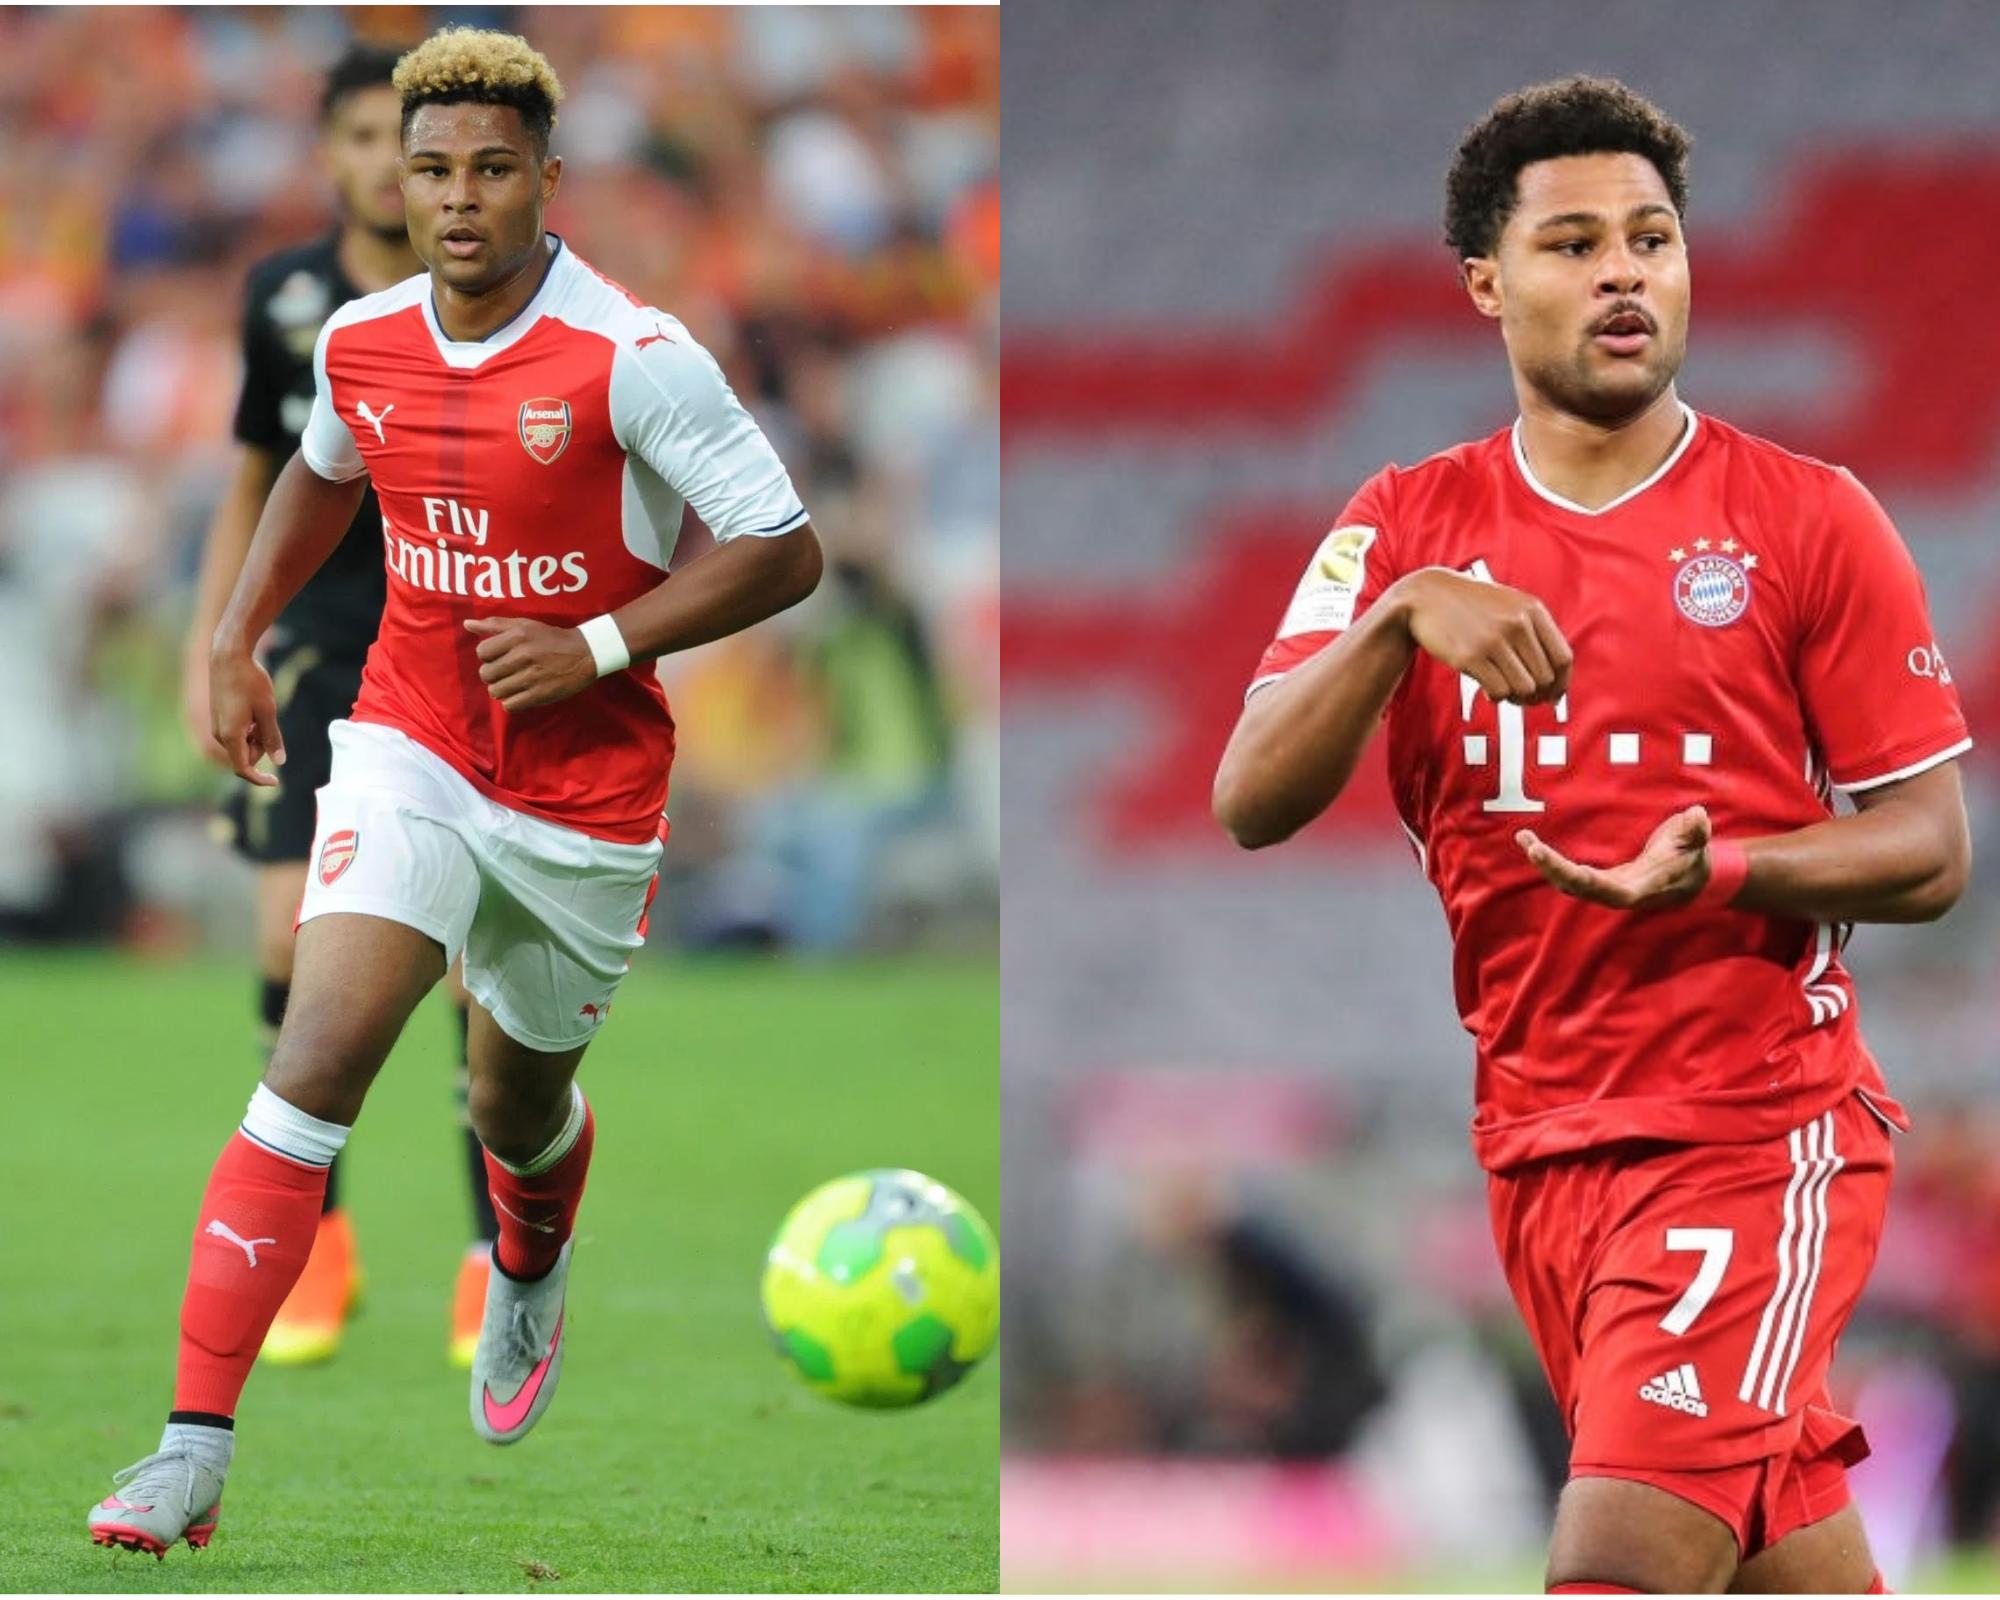 Những cầu thủ từng thất bại tại Arsenal nhưng toả sáng khi rời đi - Ảnh 1.